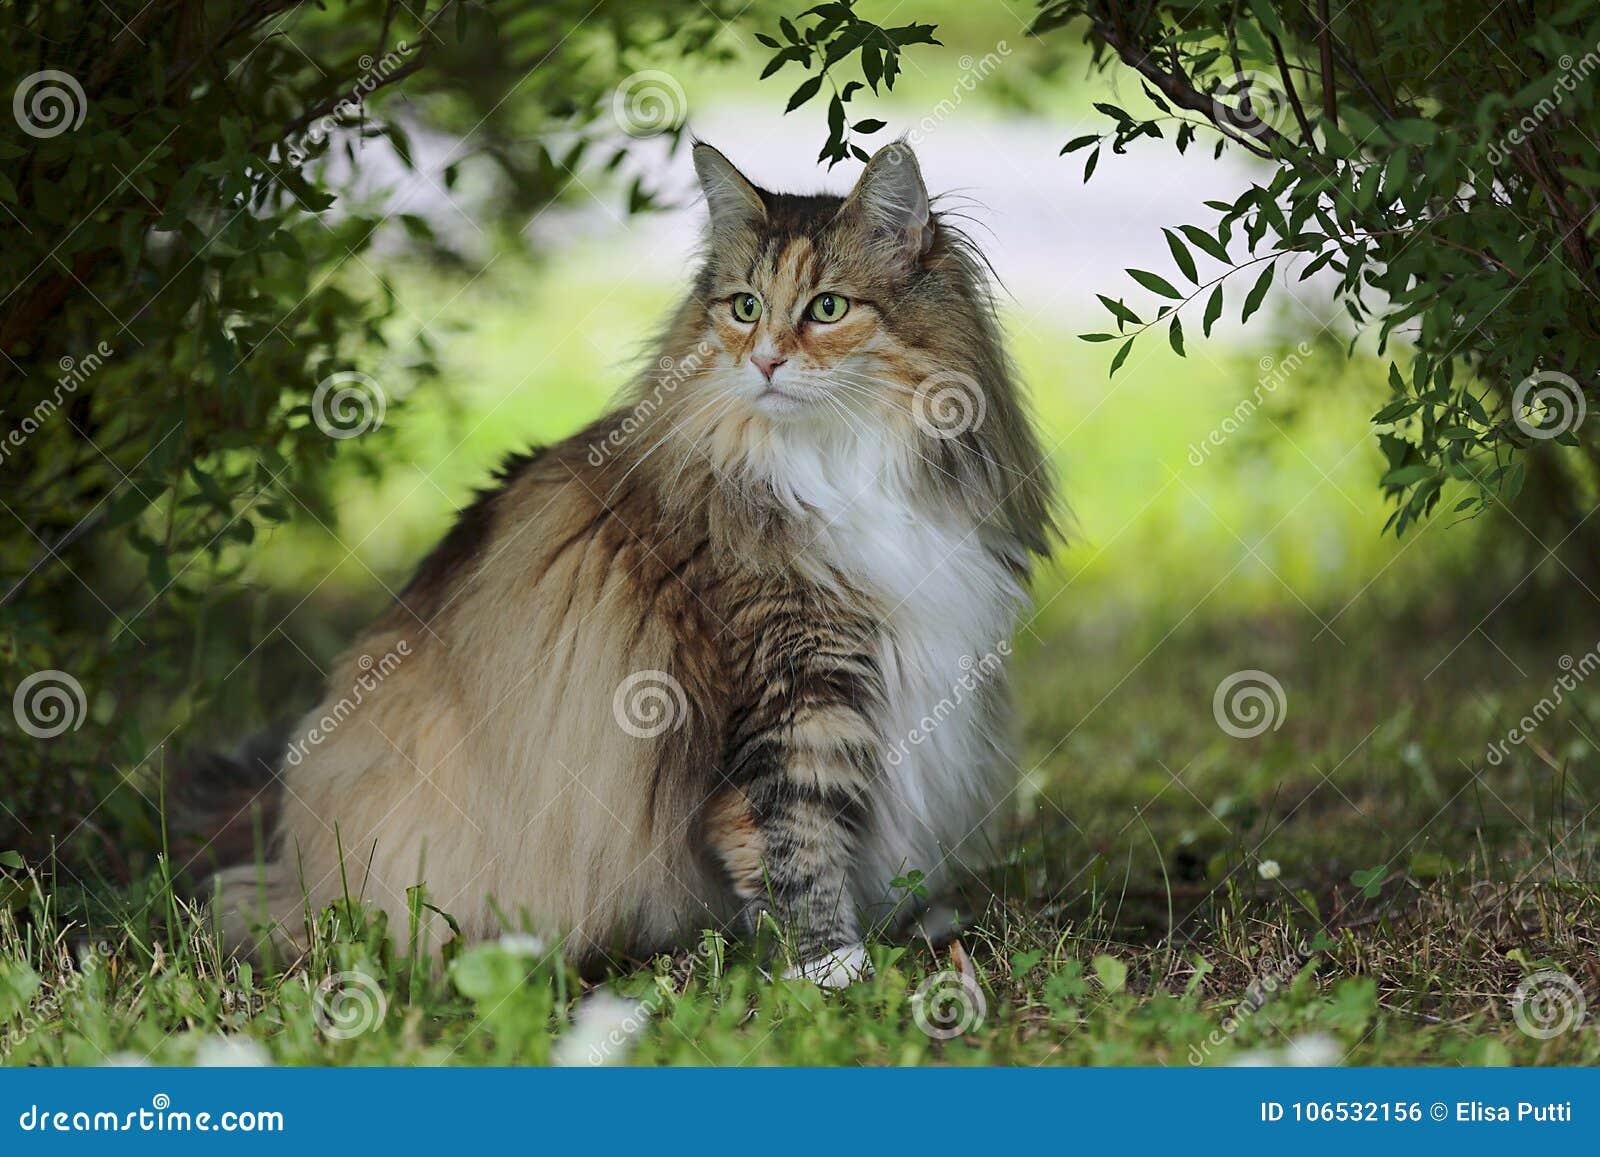 La femmina norvegese del gatto della foresta si siede for Gatto della foresta norvegese